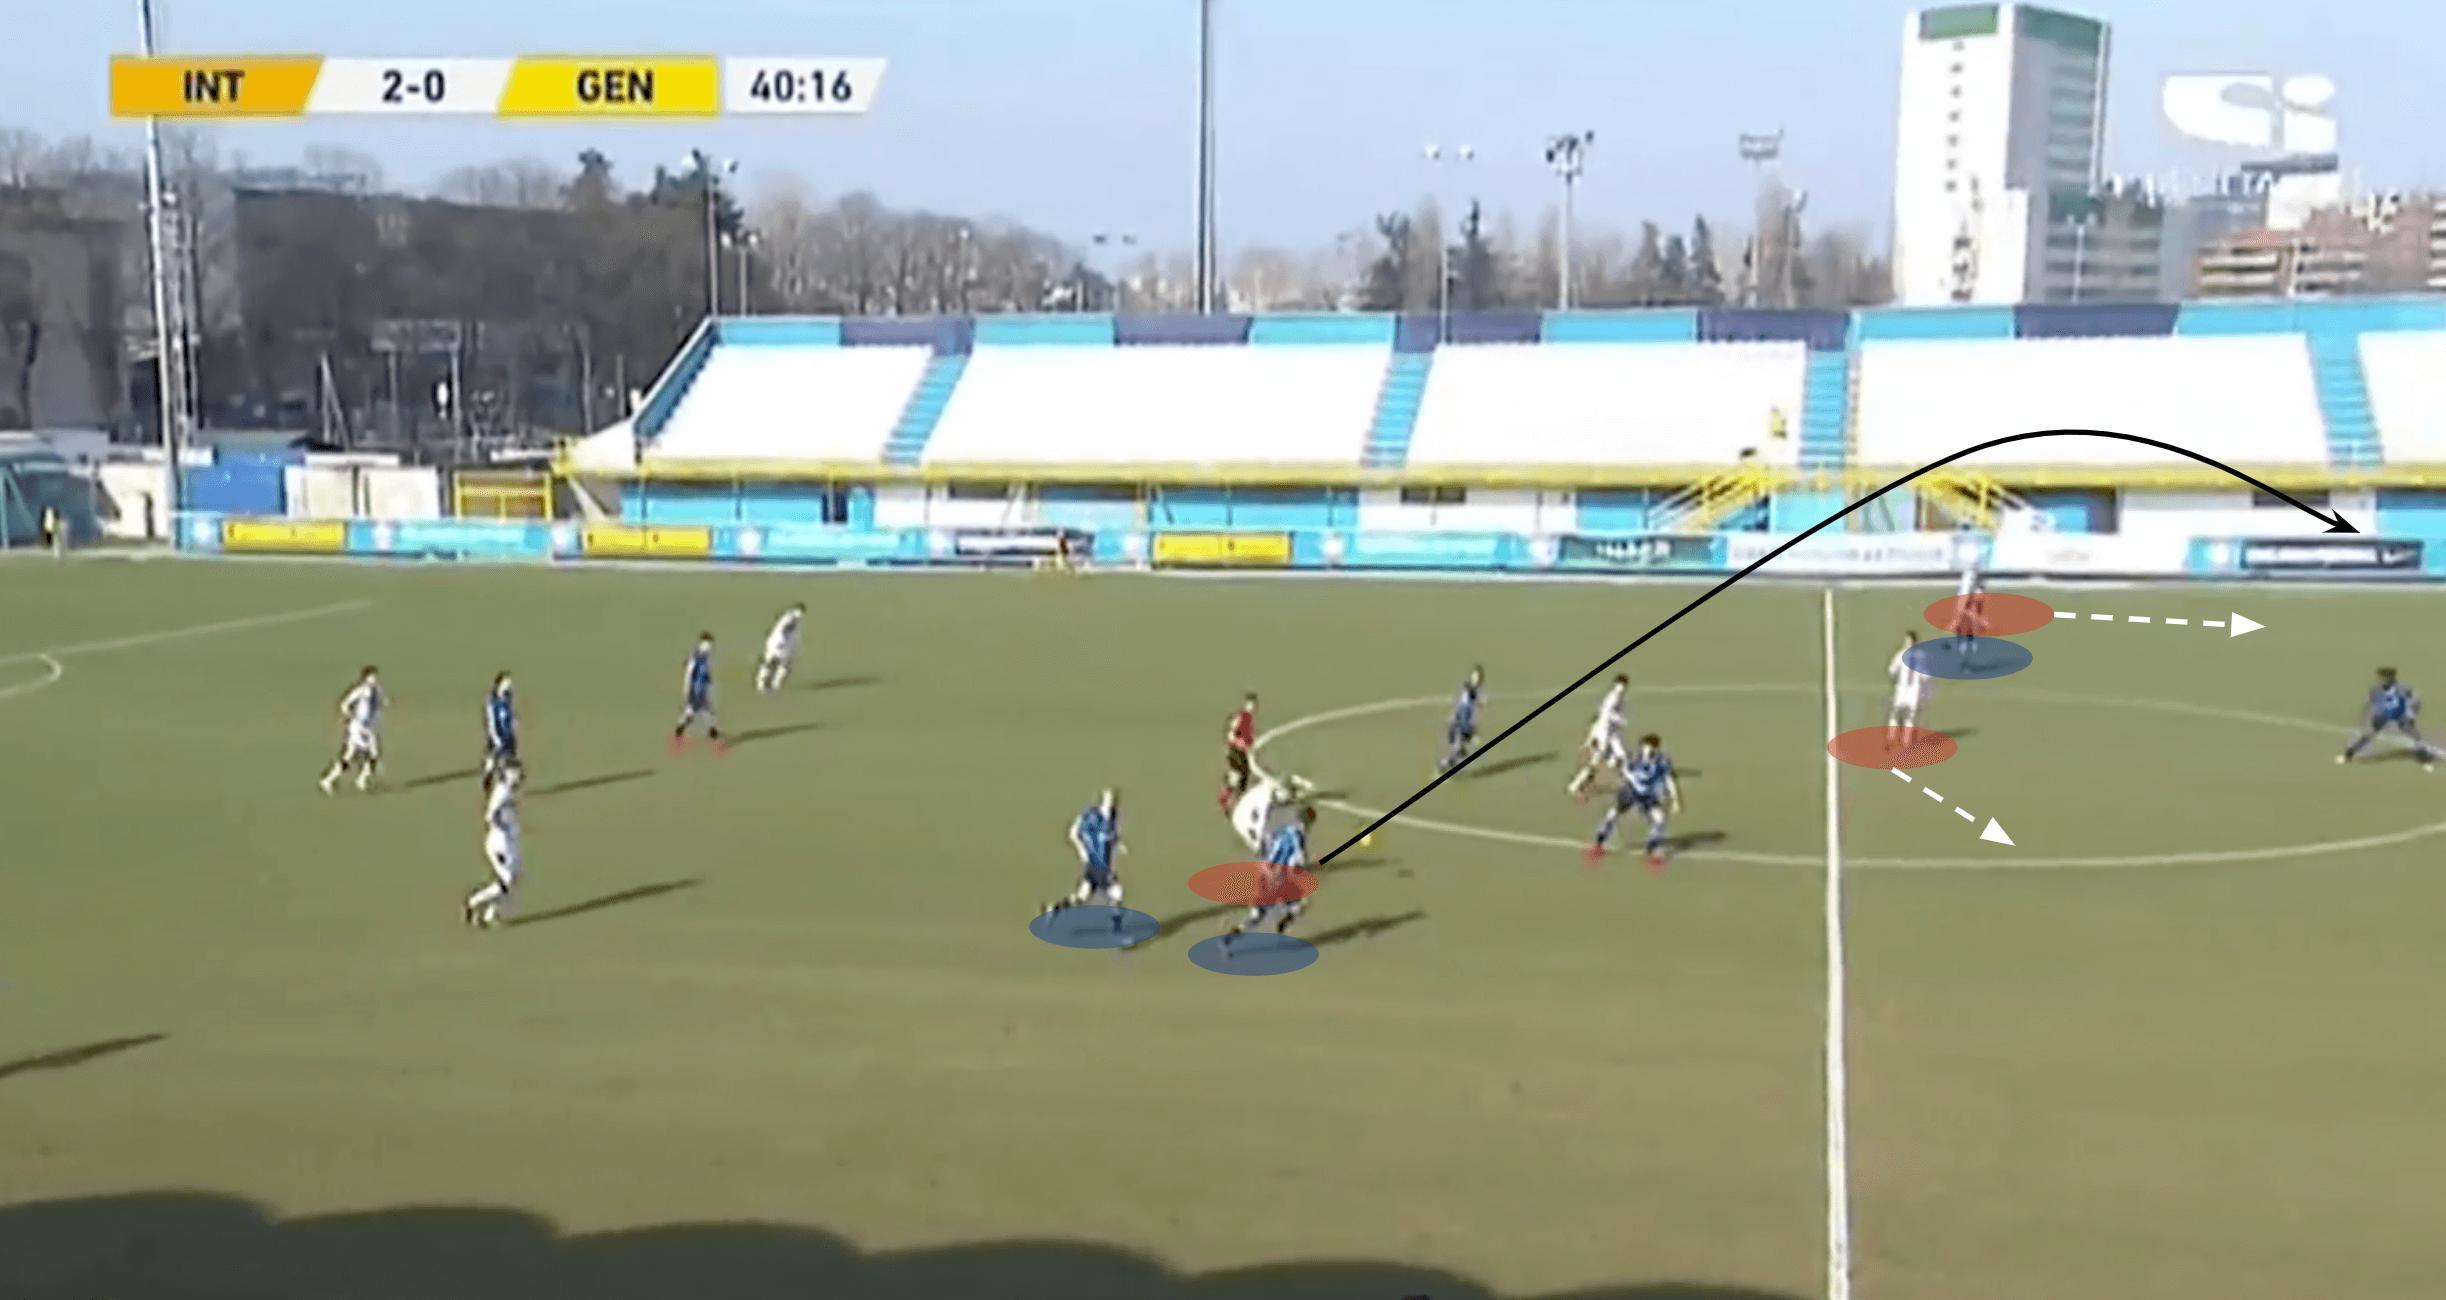 Nicolò Rovella 2019/20 - scout report tactical analysis tactics